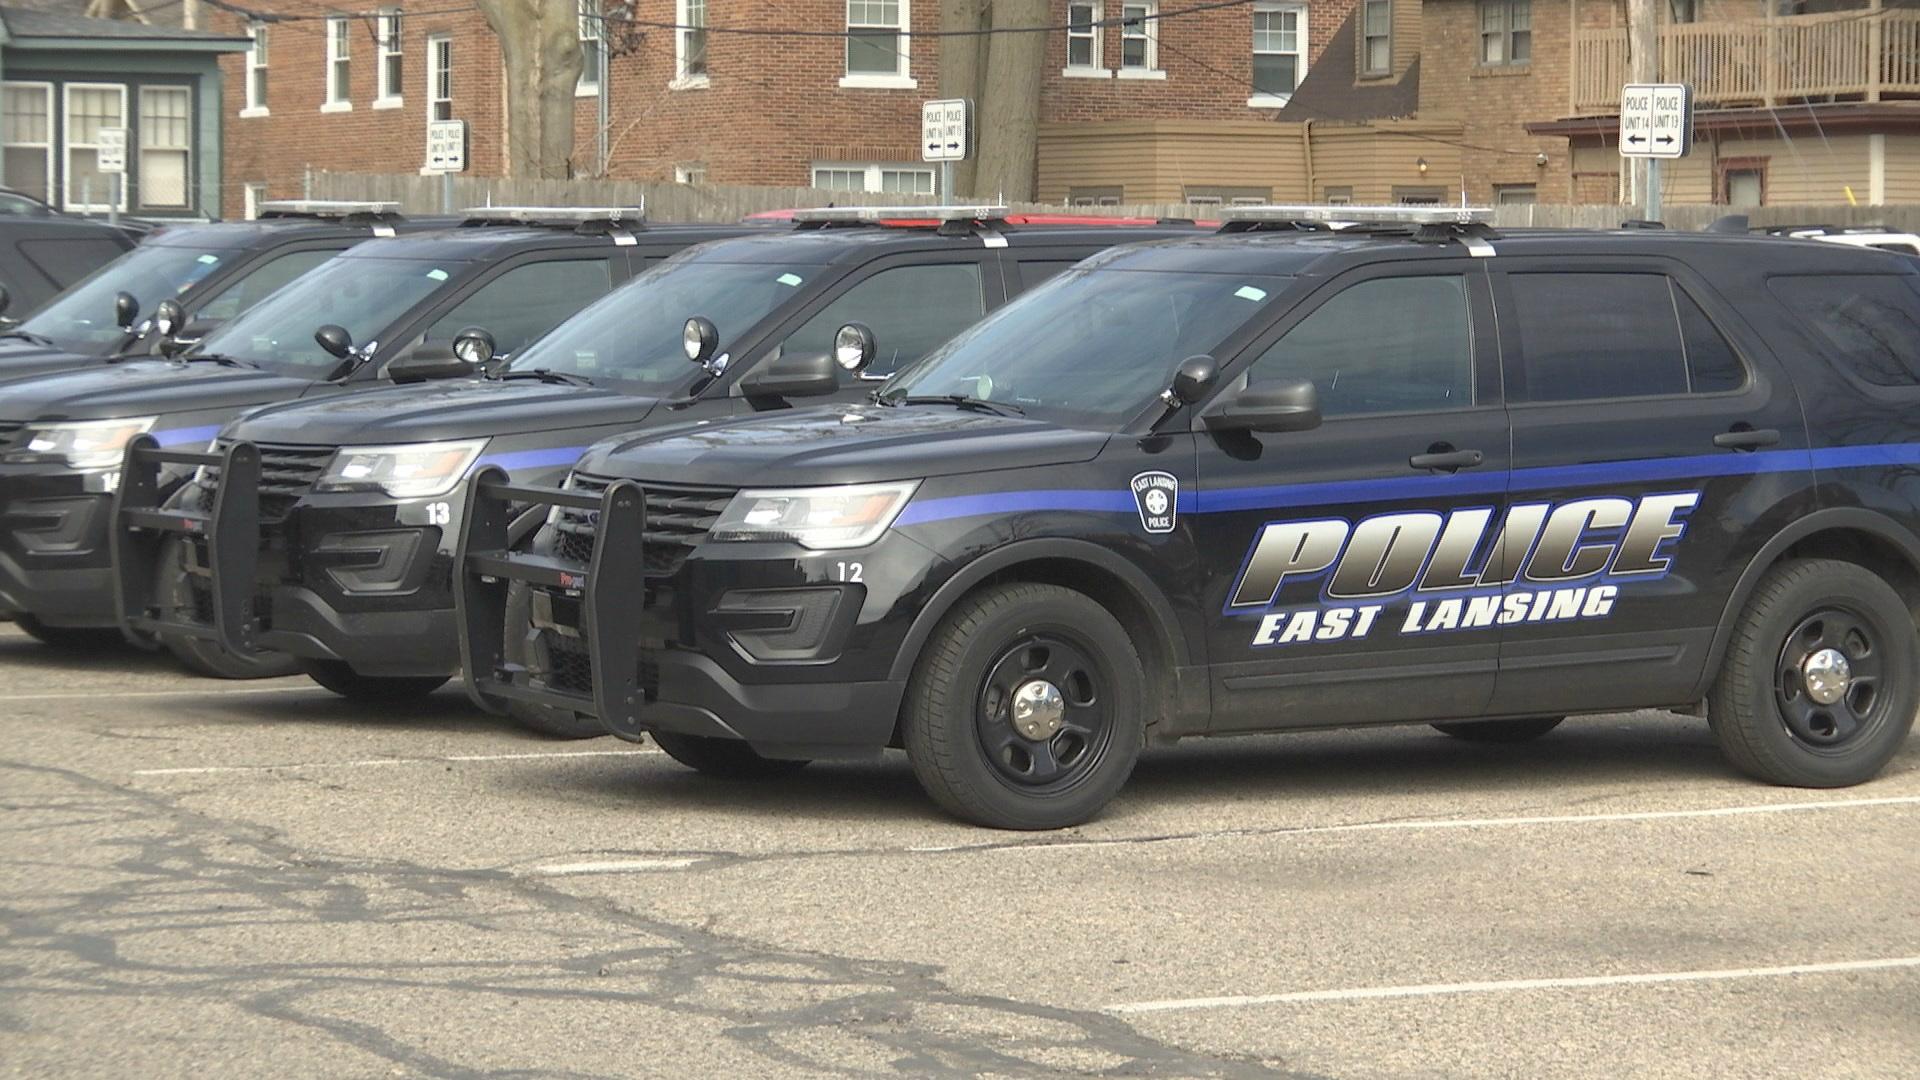 generic east lansing police_1554172053711.jpg.jpg